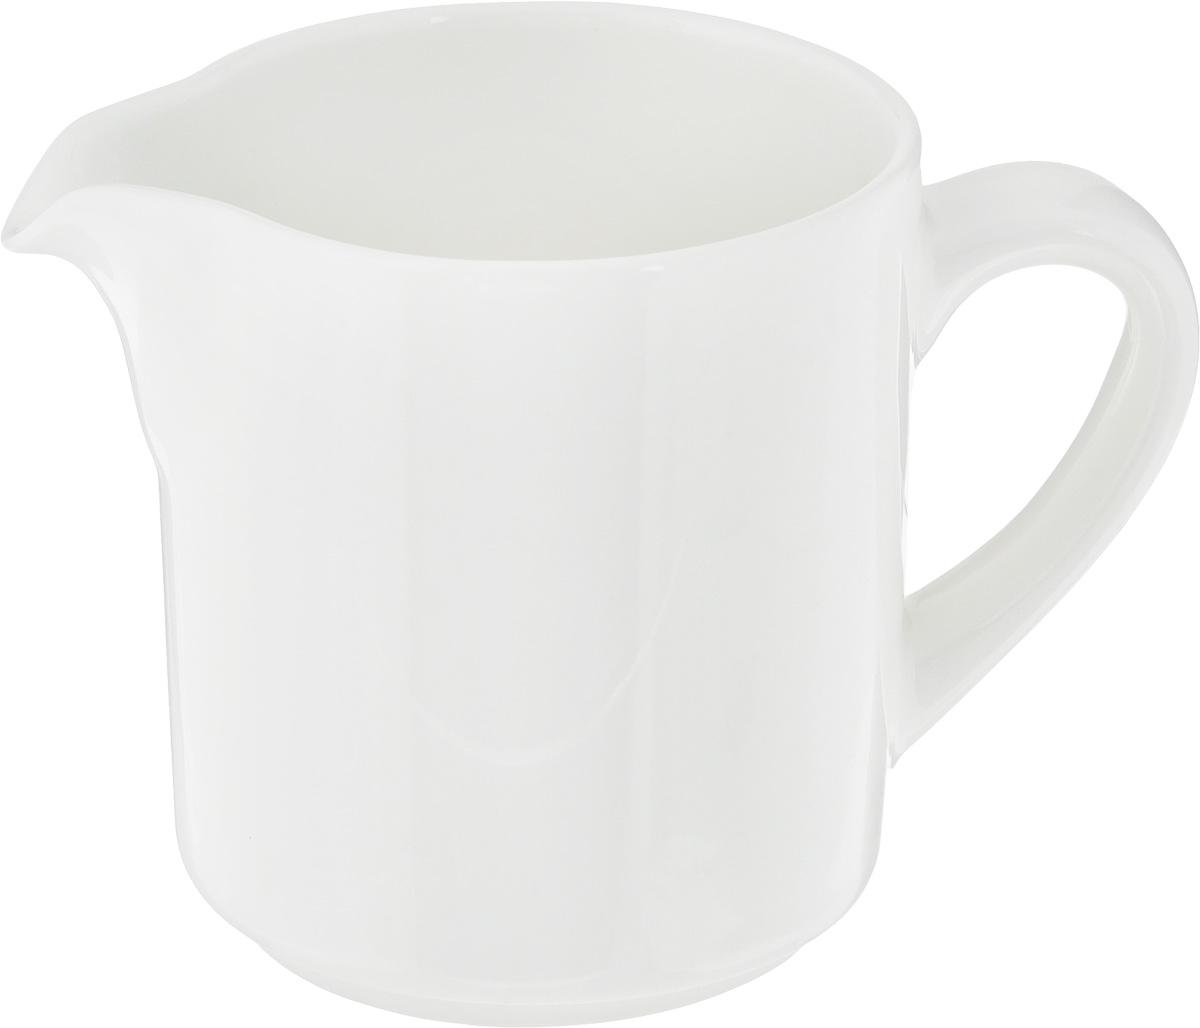 Молочник Ariane Прайм, 150 мл115510Молочник Ariane Прайм изготовлен из высококачественного фарфора с глазурованным покрытием. Изделие предназначено для сервировки сливок или молока. Такой молочник отлично подойдет как для праздничного чаепития, так и для повседневного использования. Изделие функциональное, практичное и легкое в уходе. Можно мыть в посудомоечной машине и использовать в СВЧ.Диаметр (по верхнему краю): 6,5 см.Высота: 8 см.